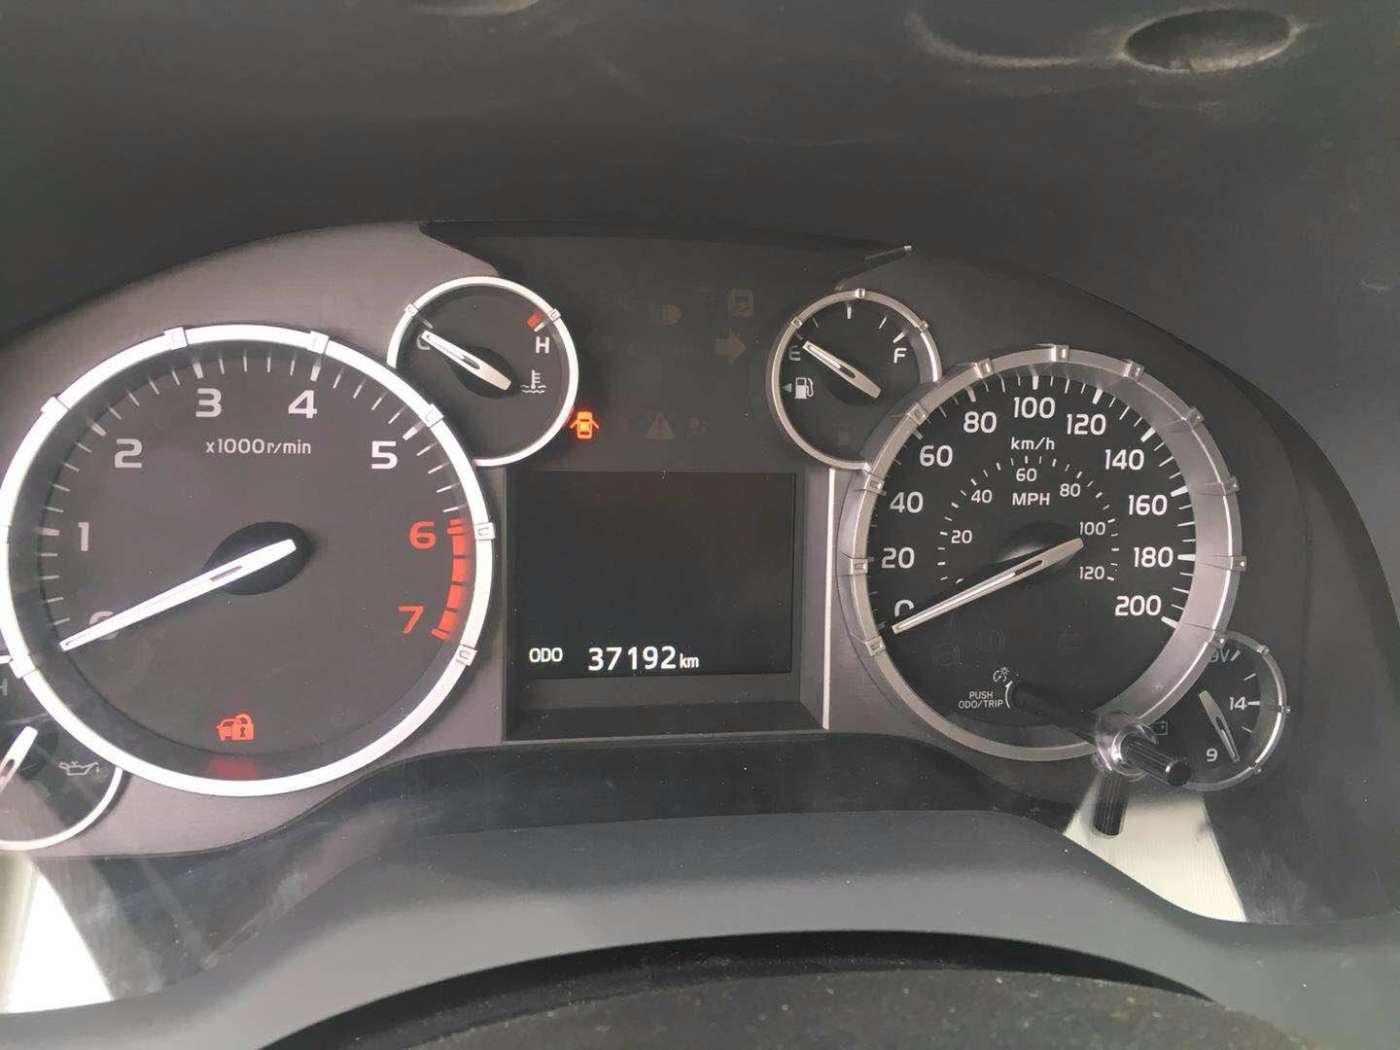 2016年01月 丰田 2015款 坦途 5700 美规SR5TRD版|甄选丰田-北京卡斯基汽车服务有限公司